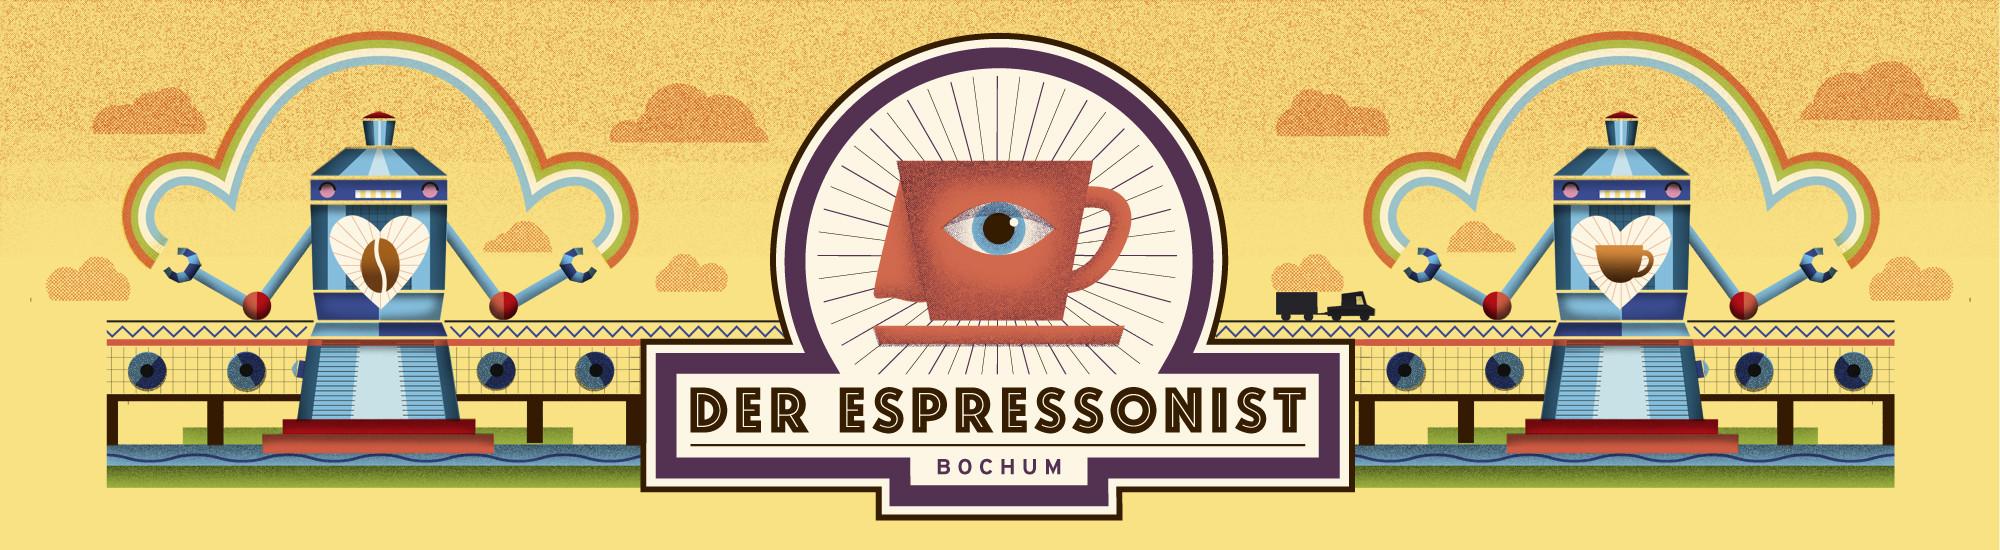 Der Espressonist